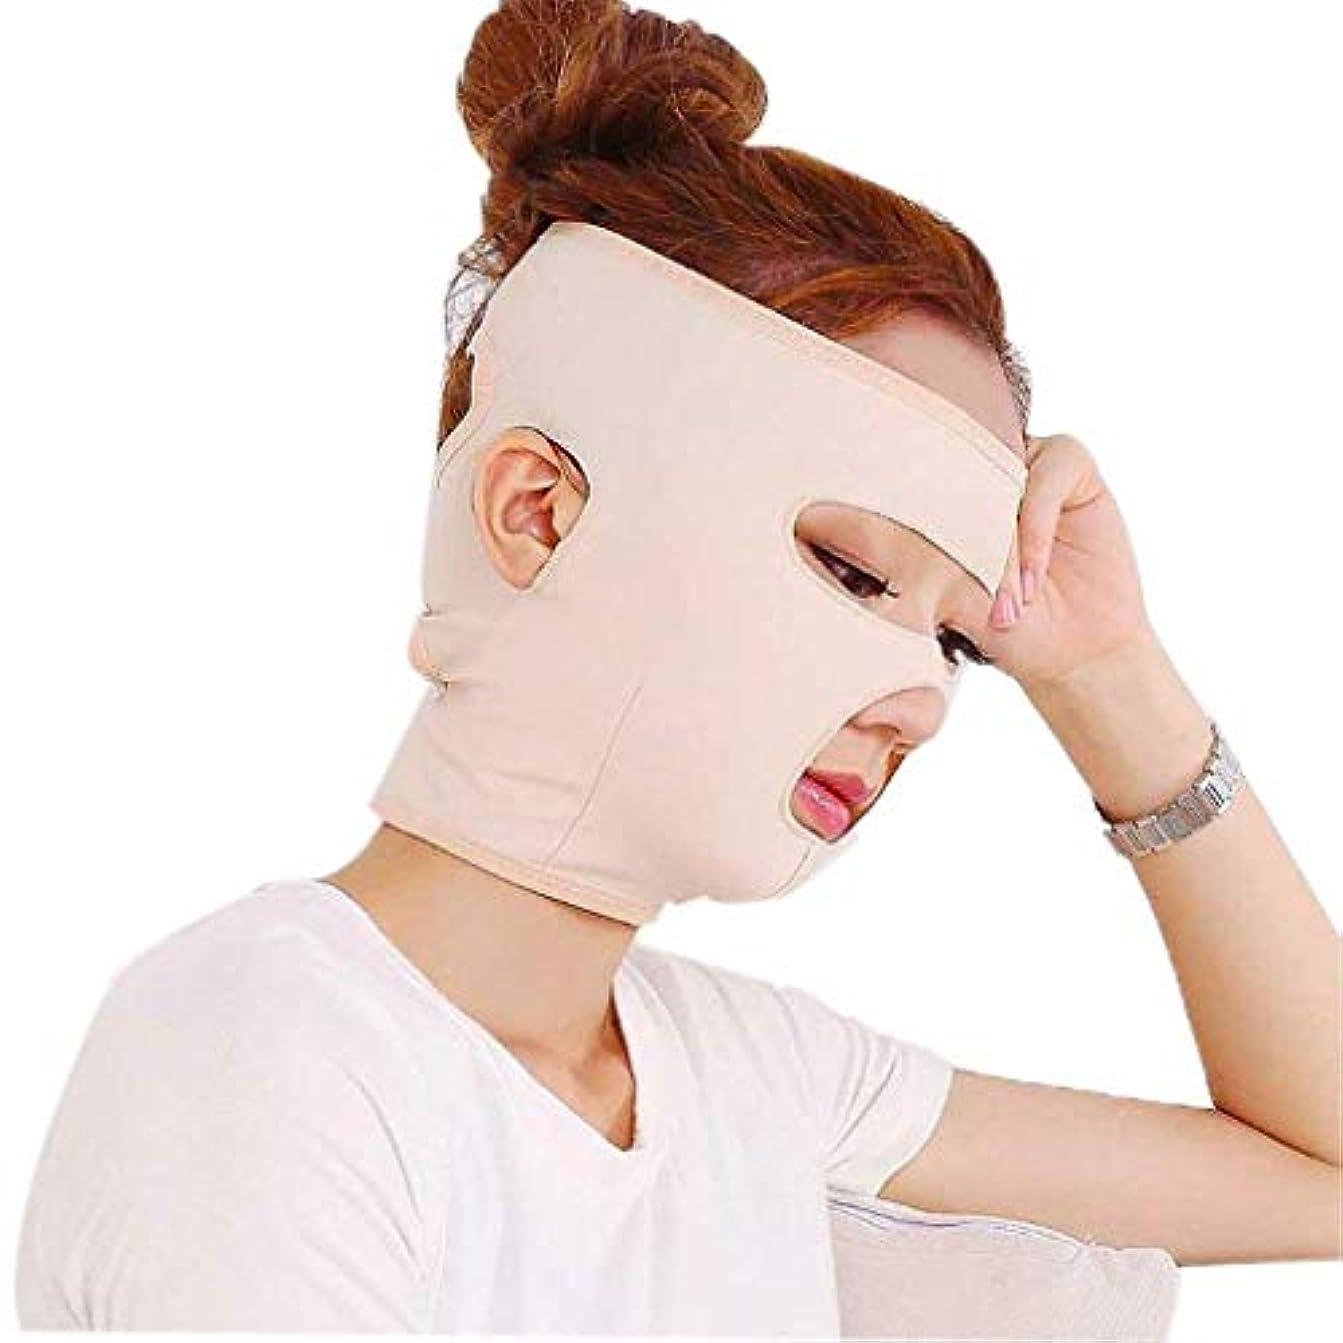 アンテナ襲撃芸術フェイスリフティングマスク、フルフェイス通気性の術後回復包帯リフティング引き締め肌の減少により小さなVフェイスマスクを作成(サイズ:L)